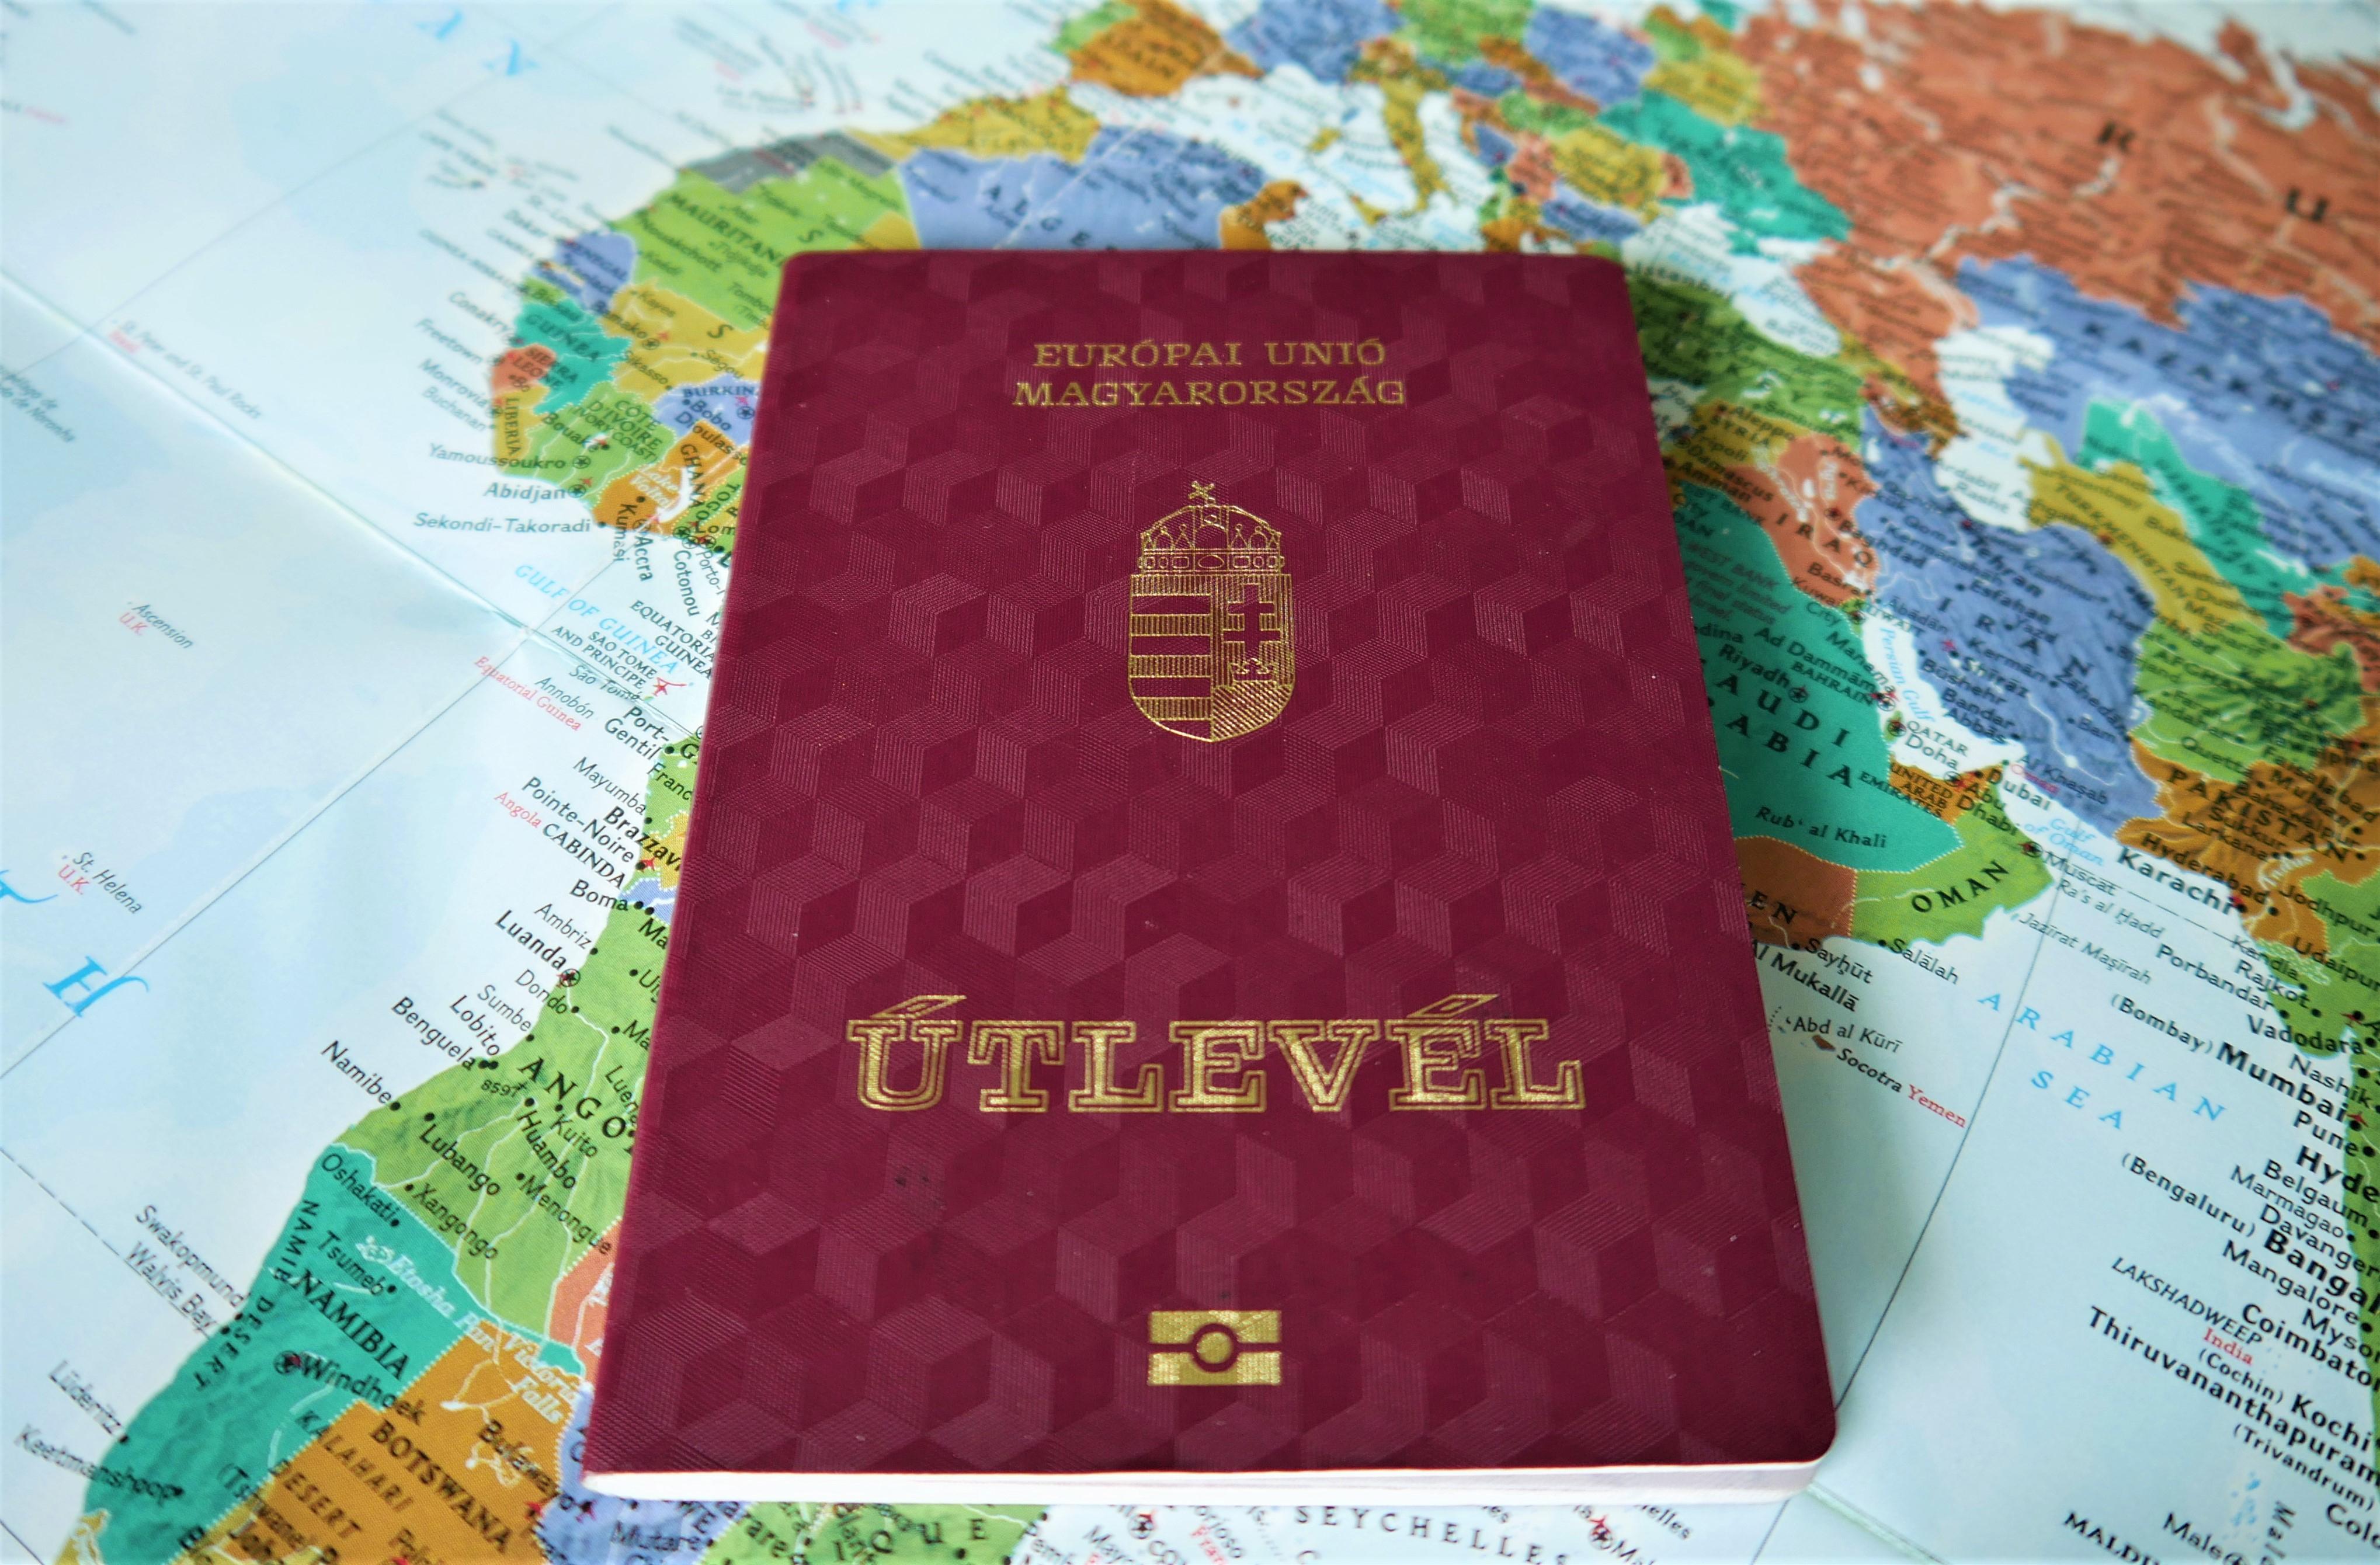 Паспорт Венгрии, гражданство которой могут получить россияне, украинцы и белорусы